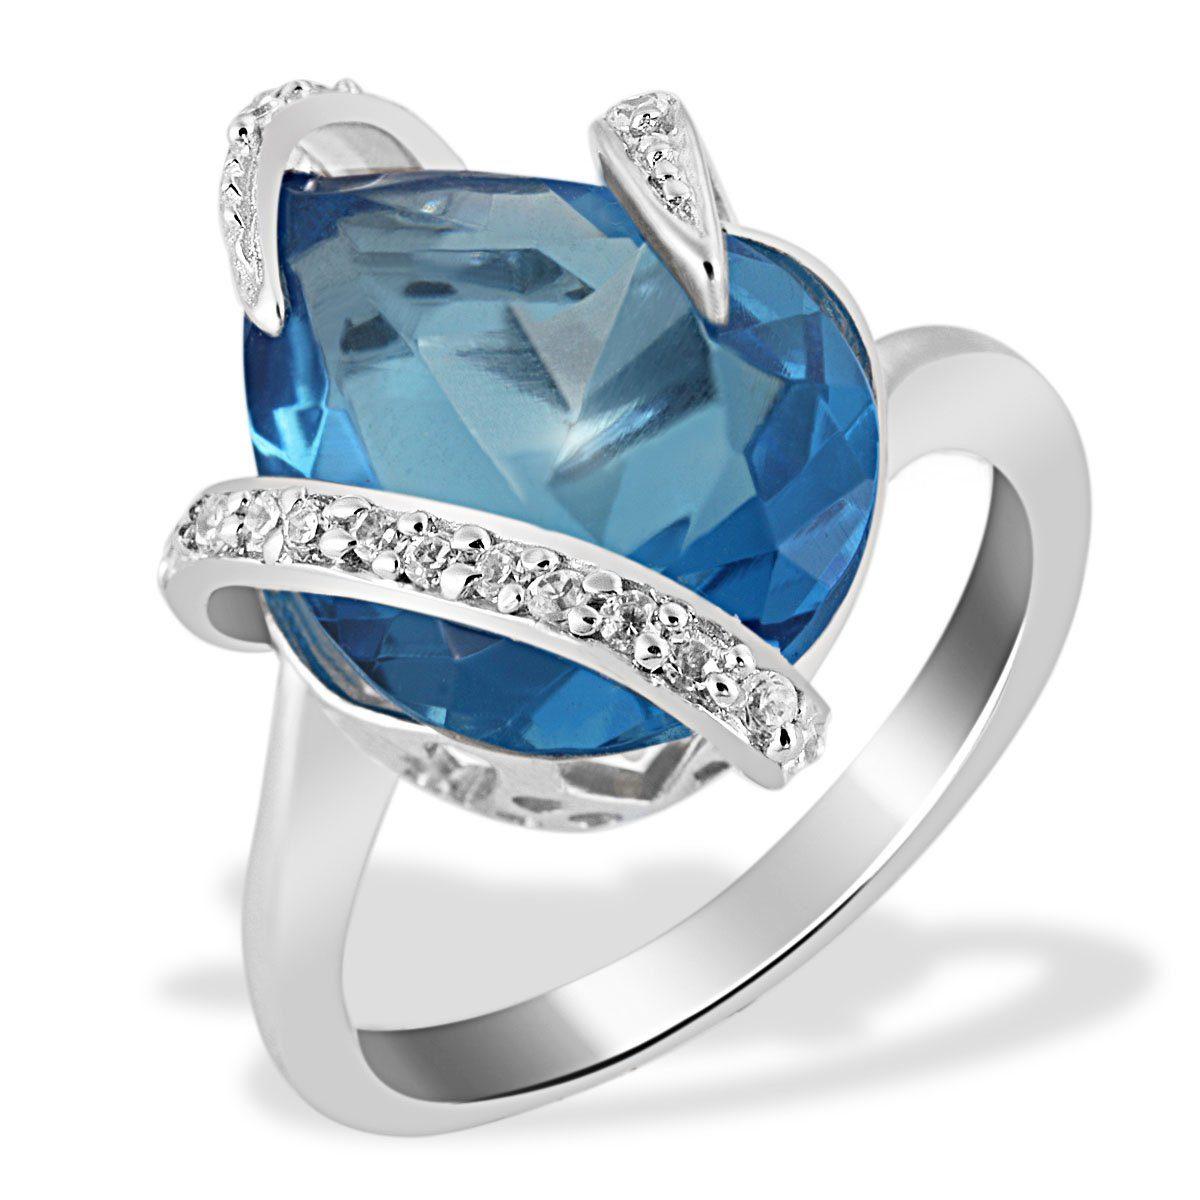 Averdin Damenring Silber 925/- blauer und weisse Zirkonia Tropfen - broschei